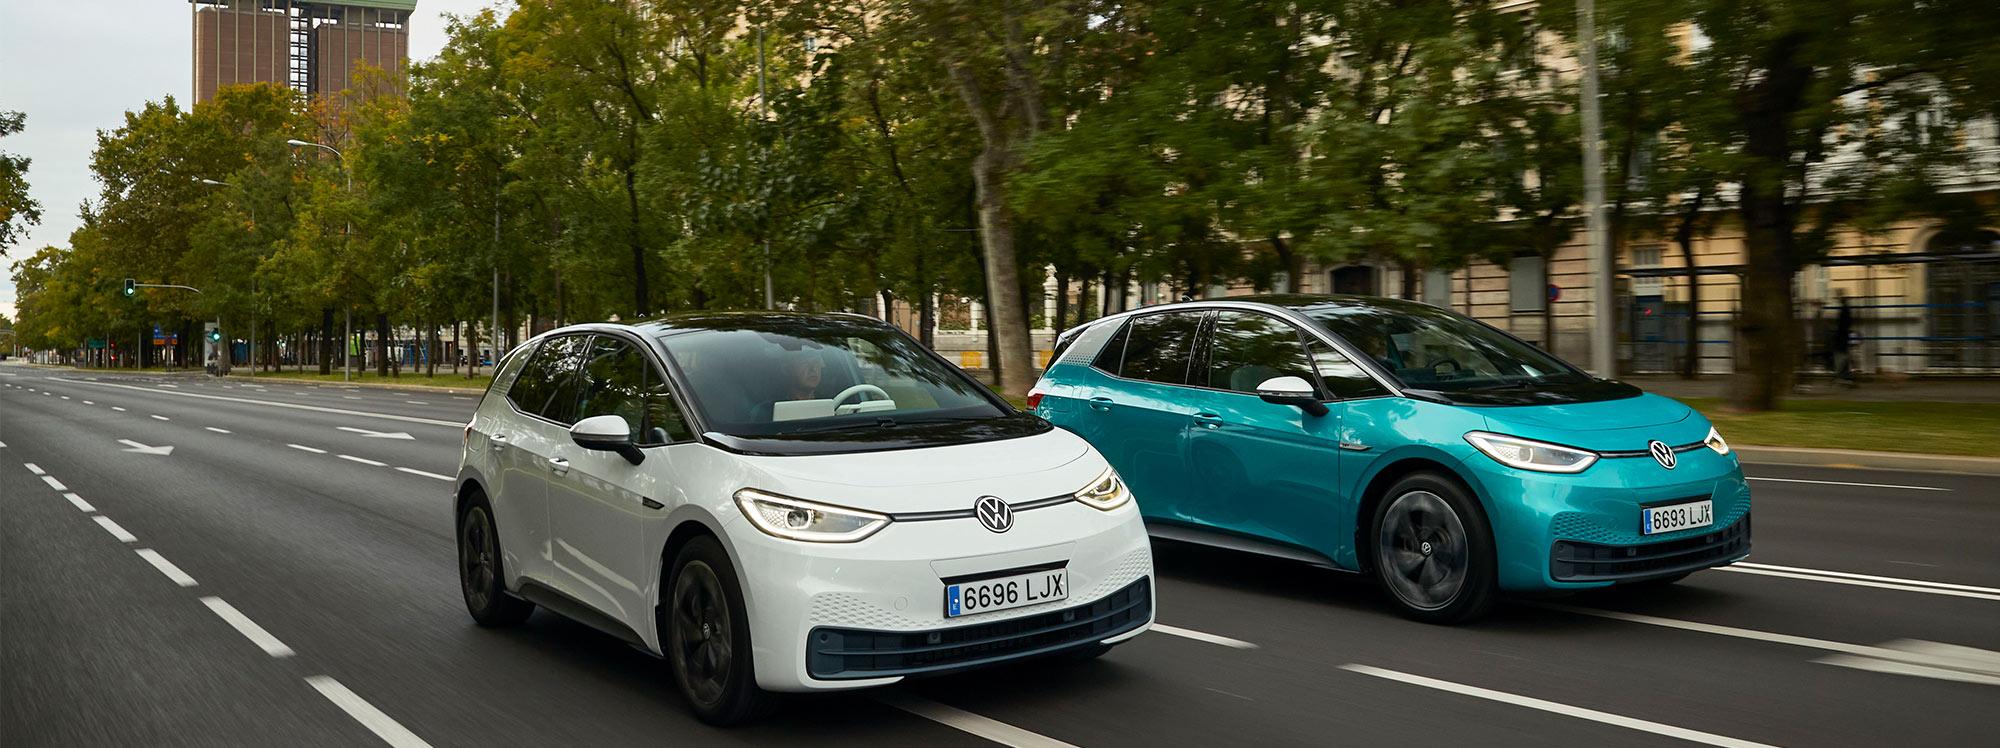 Volkswagen, actualizaciones inalámbricas a través de 'Over-the-Air'